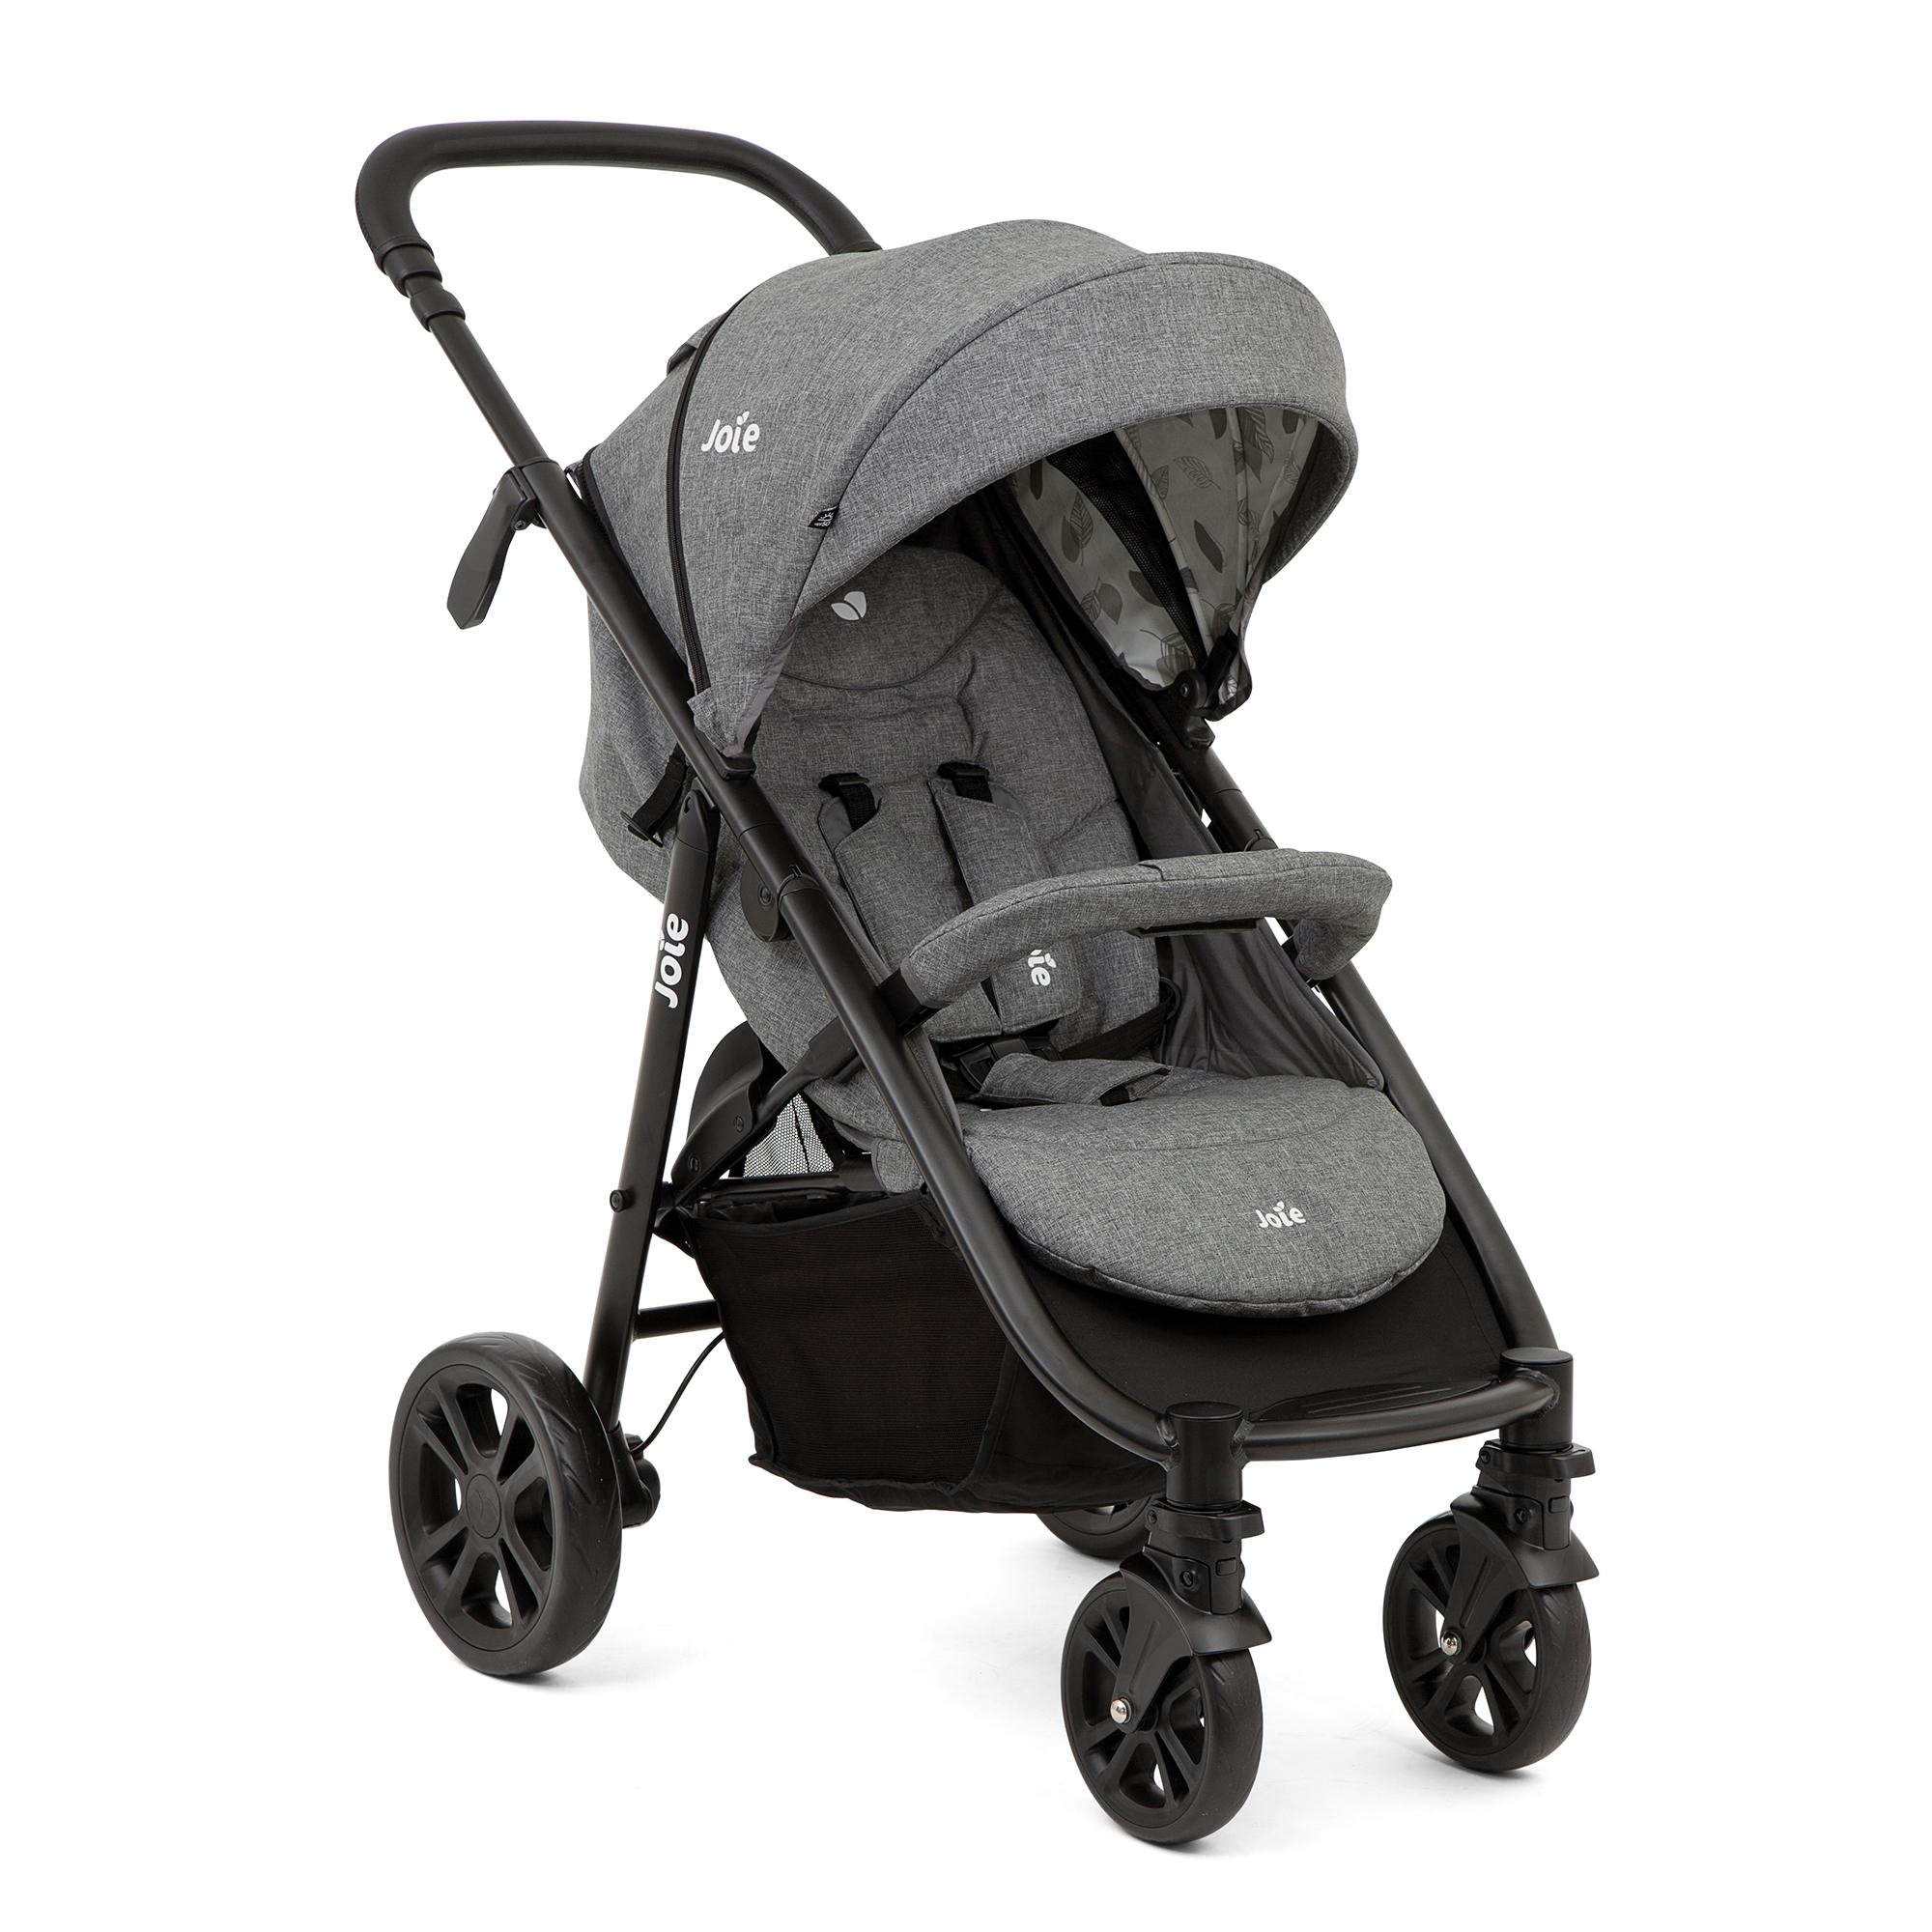 (Babyone) Joie Litetrax 4 DLX, Grey Flower Buggy / Kinderwagen (neu mit höhenverstellbarem Griff)